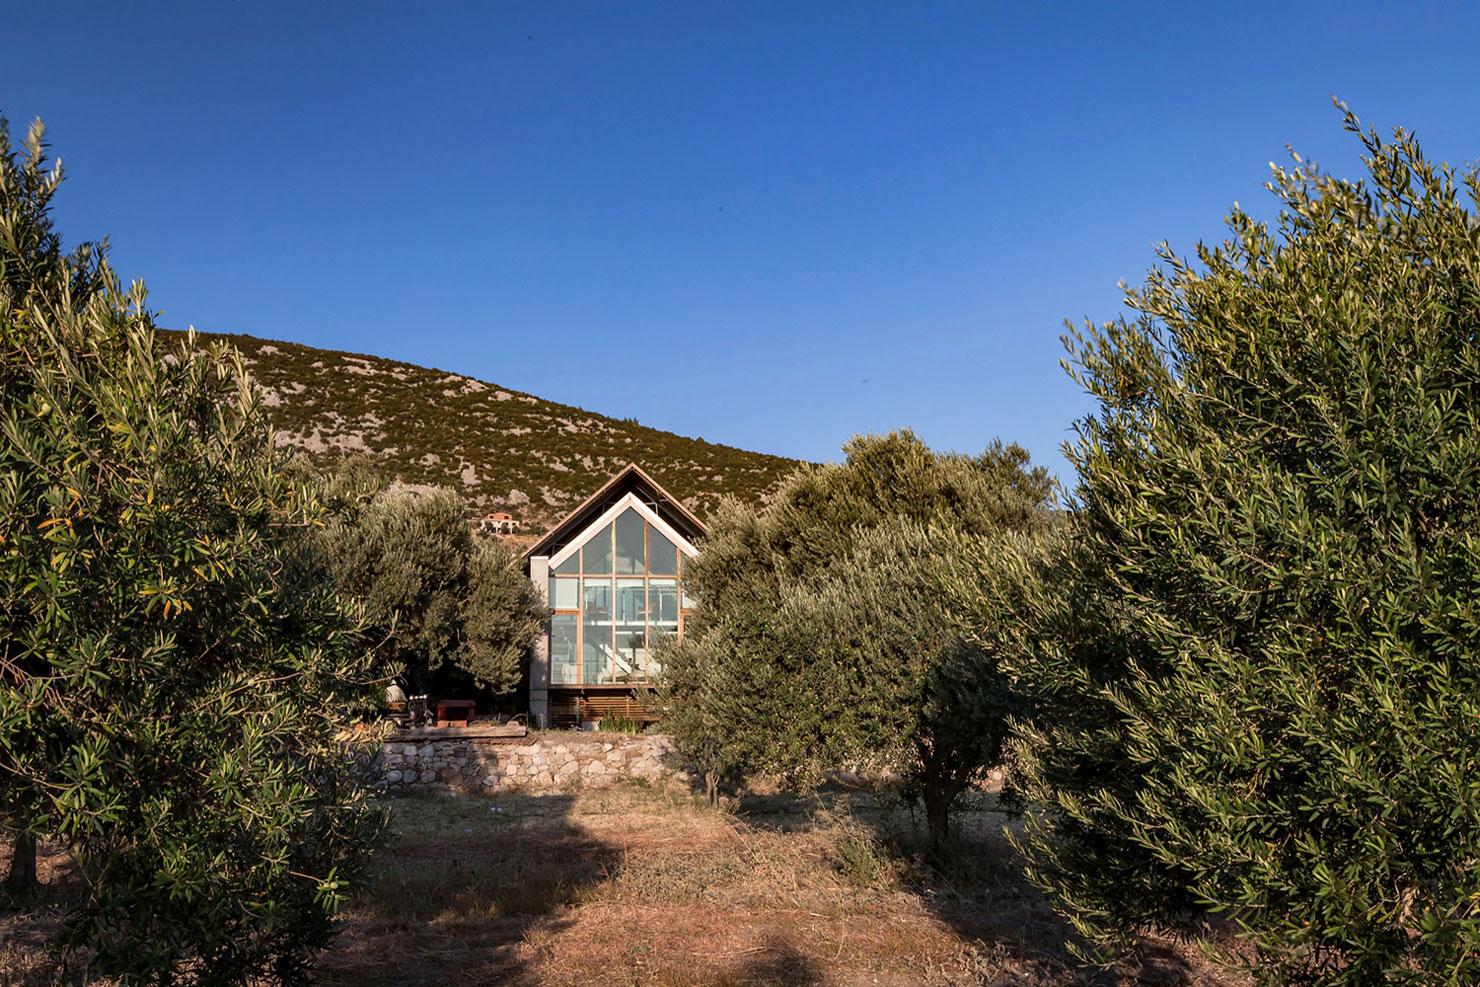 Очаровательный загородный дом на скалистом берегу Эгейского моря, Турция